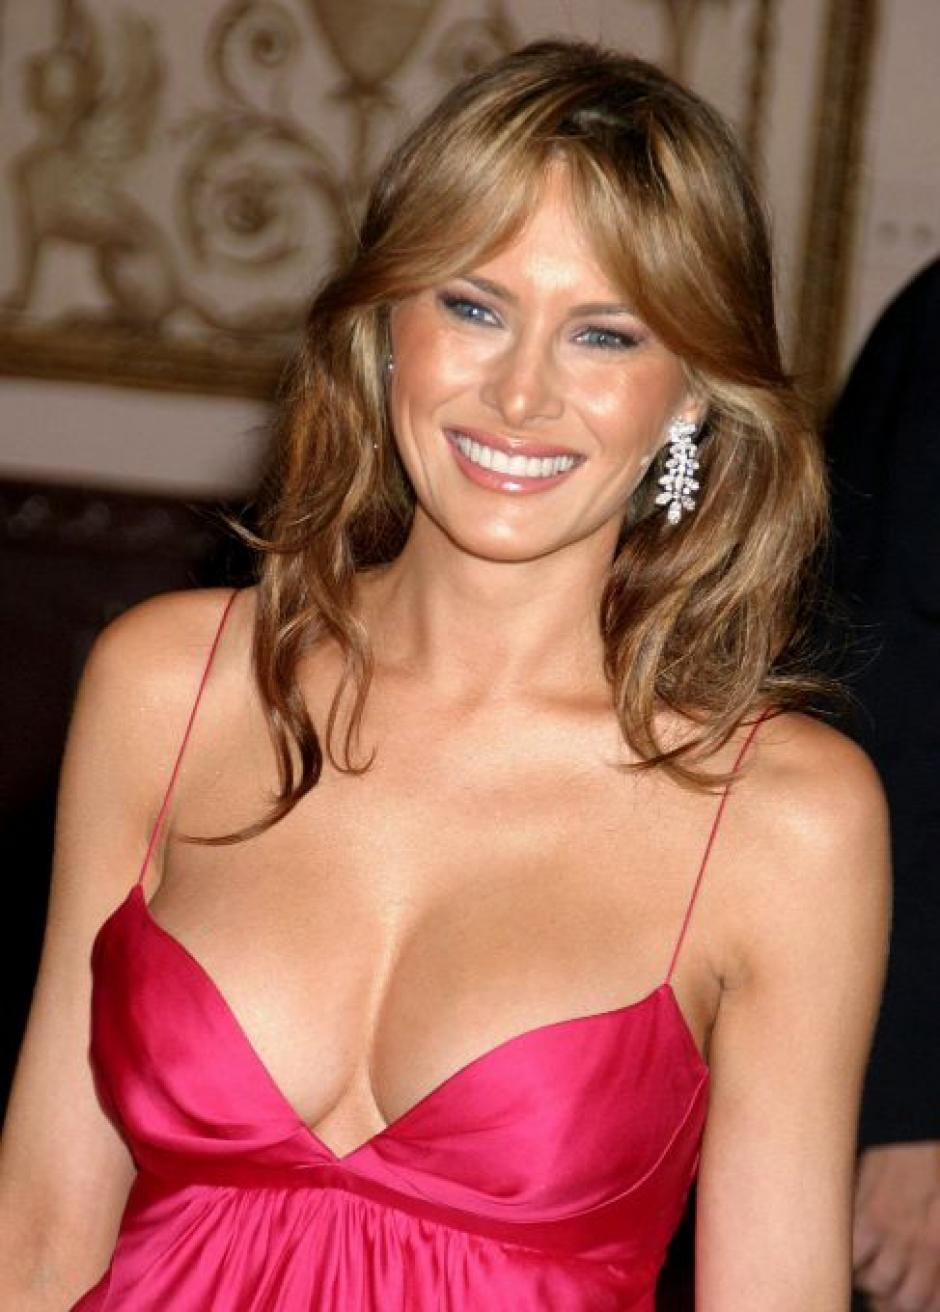 La esposa de Donald Trump salió desnuda en una sesión de fotos de 1995. (Foto: contrainjerencia.com)